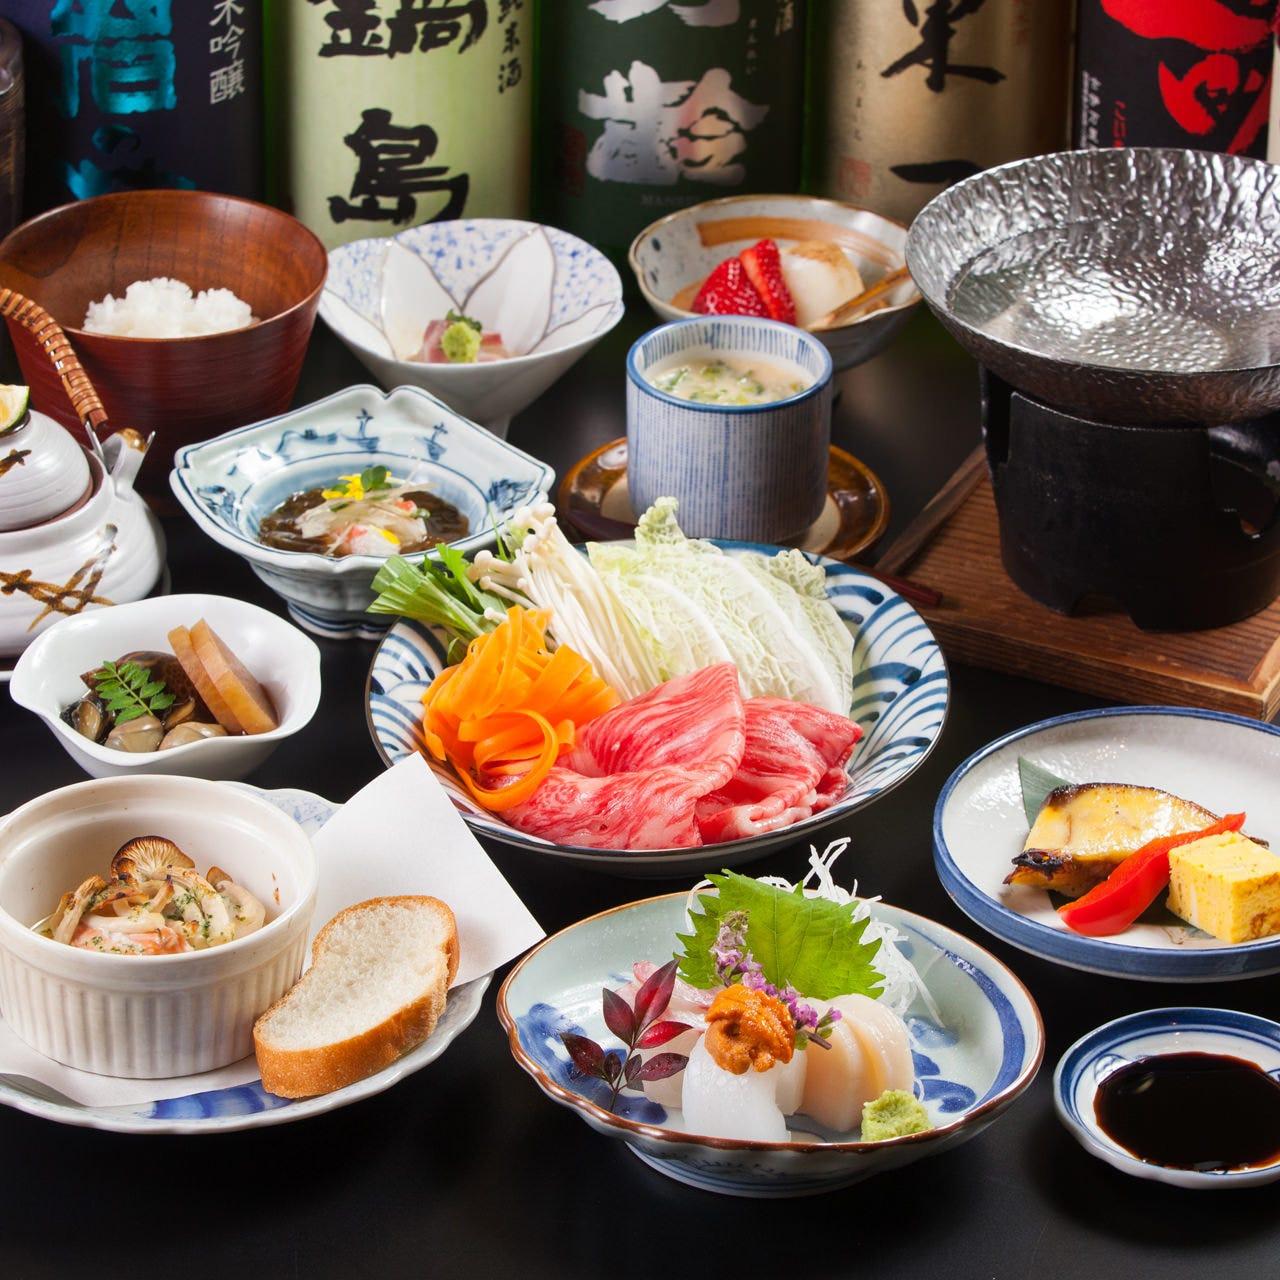 旬食材や佐賀牛を楽しむ贅を極めた宴